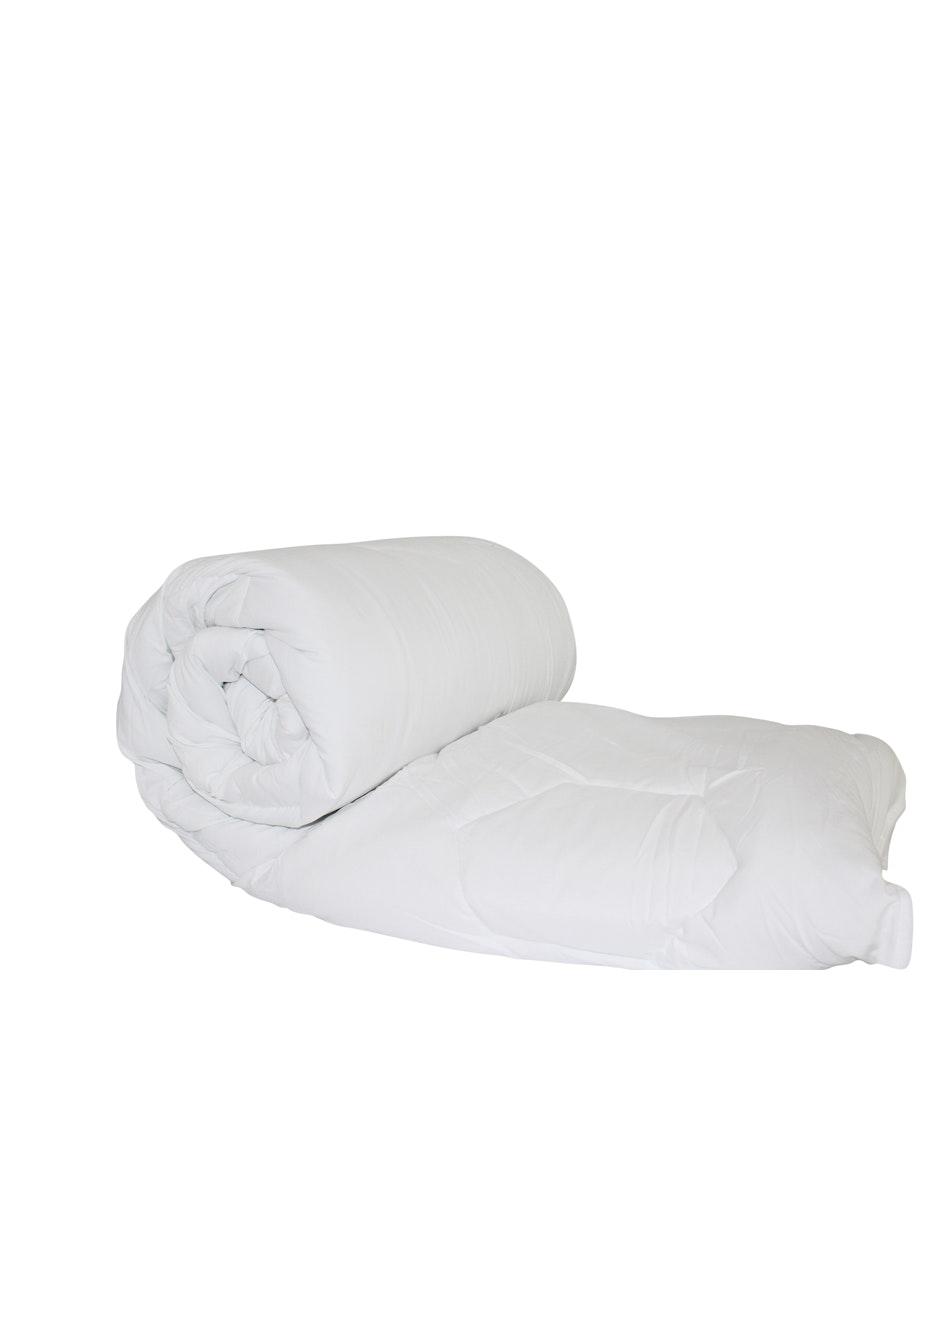 Wool Blend Quilt - 300 GSM - Queen Bed